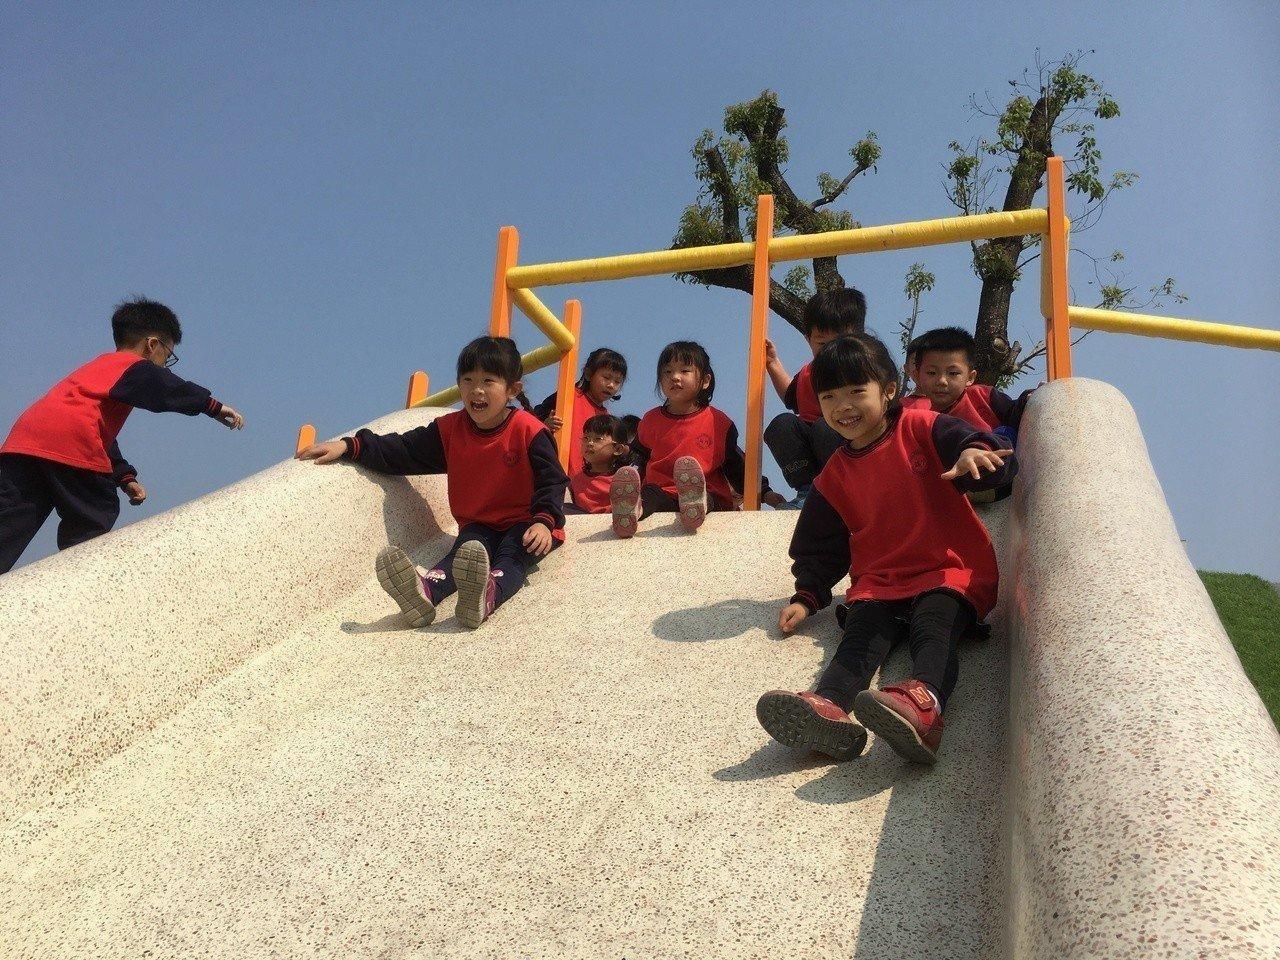 斗六市公所在斗六市藝術水岸園區打造斗六第一個特色安全兒童遊憩園區,吸引家長帶孩子...